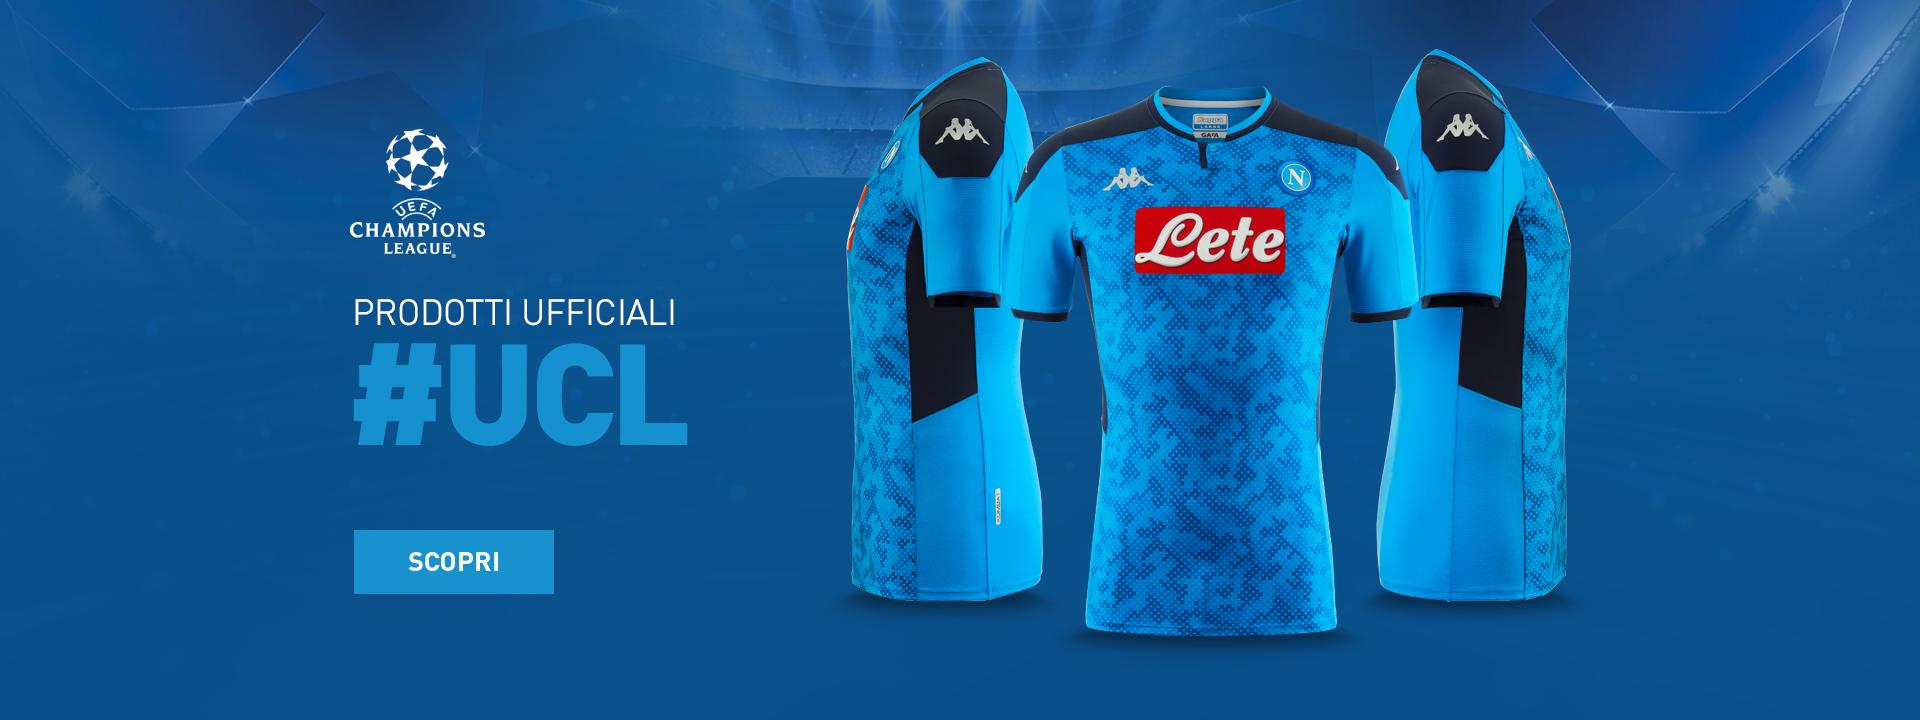 online store e2fef 3e930 Store Ufficiale SSC Napoli   Prodotti e articoli Napoli, kit ...